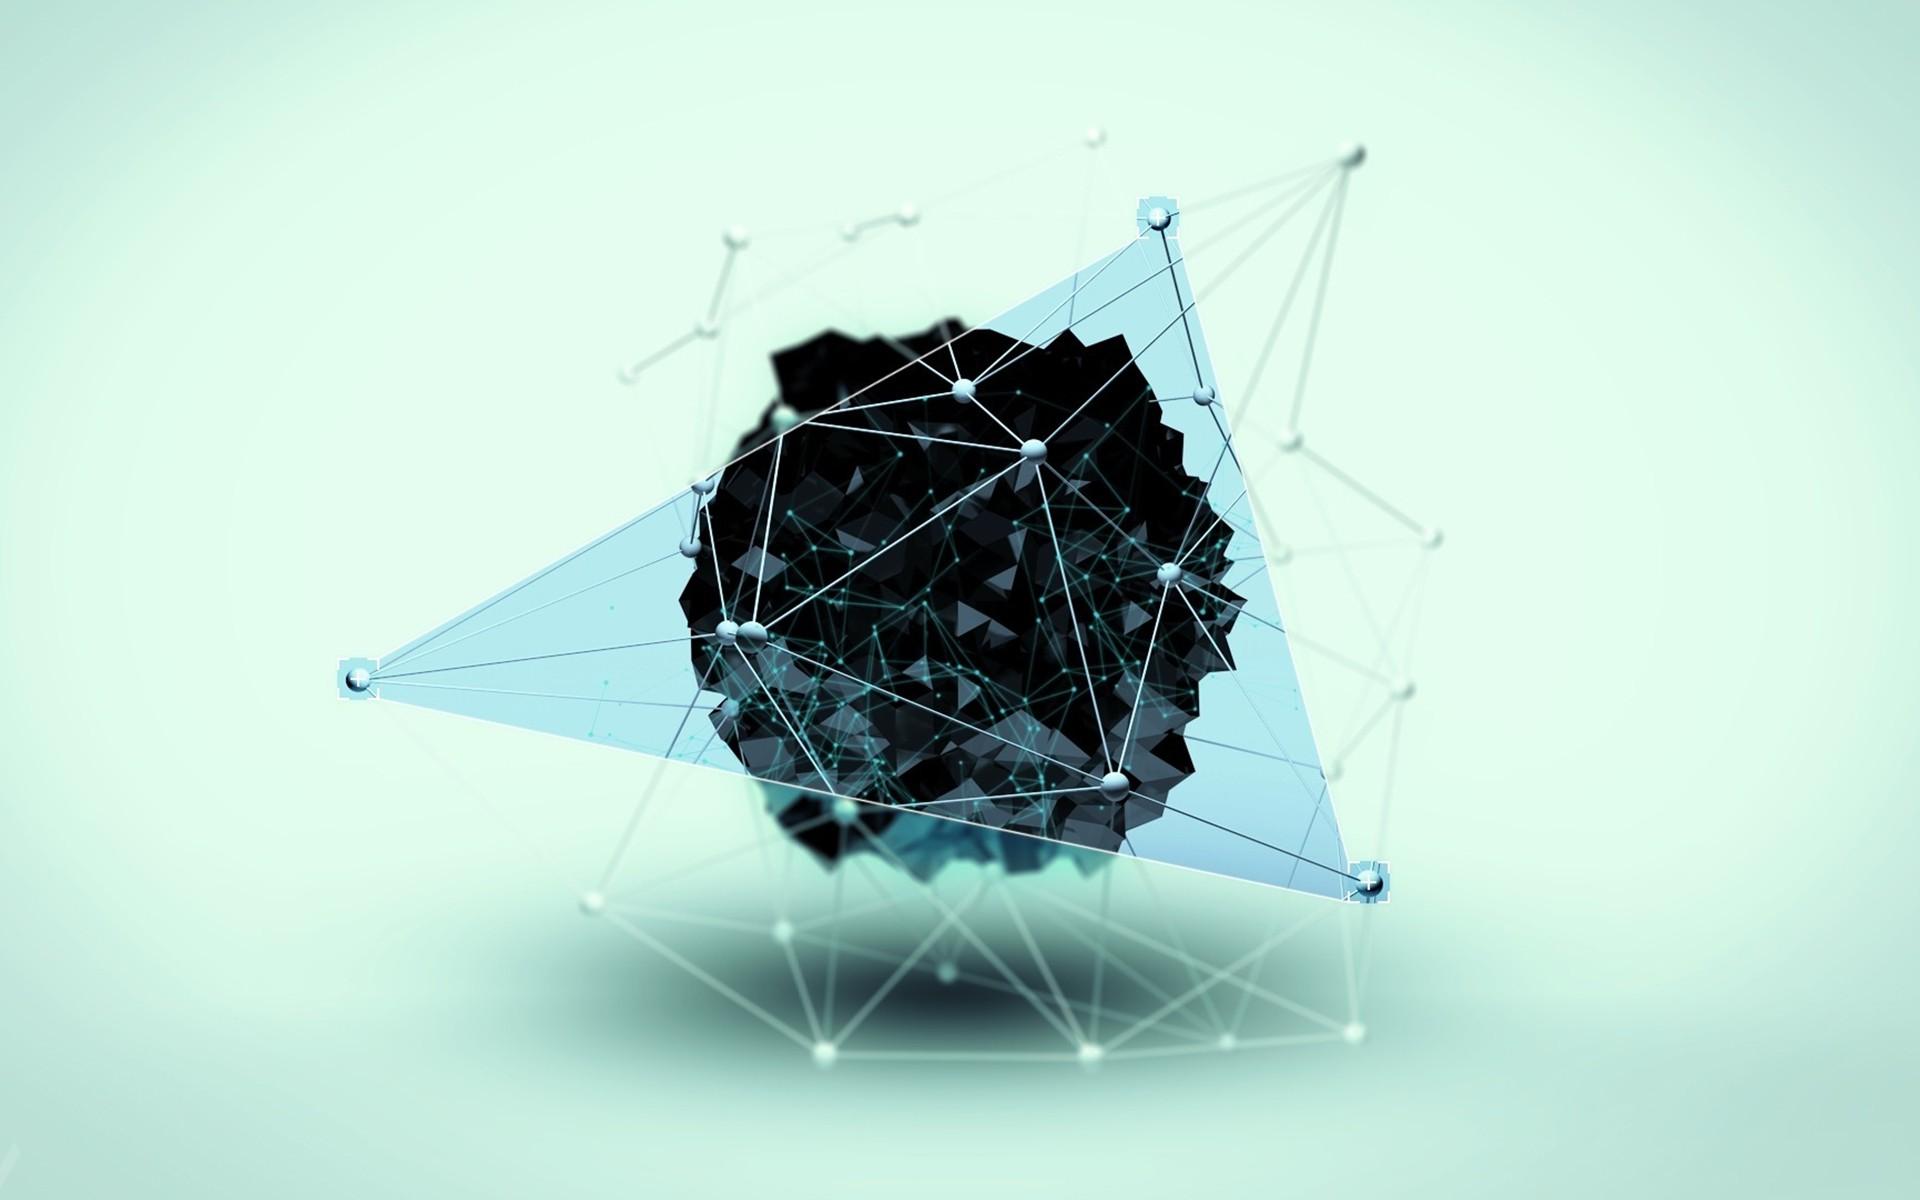 fond d 39 cran art num rique fond simple abstrait 3d conception graphique triangle formes. Black Bedroom Furniture Sets. Home Design Ideas